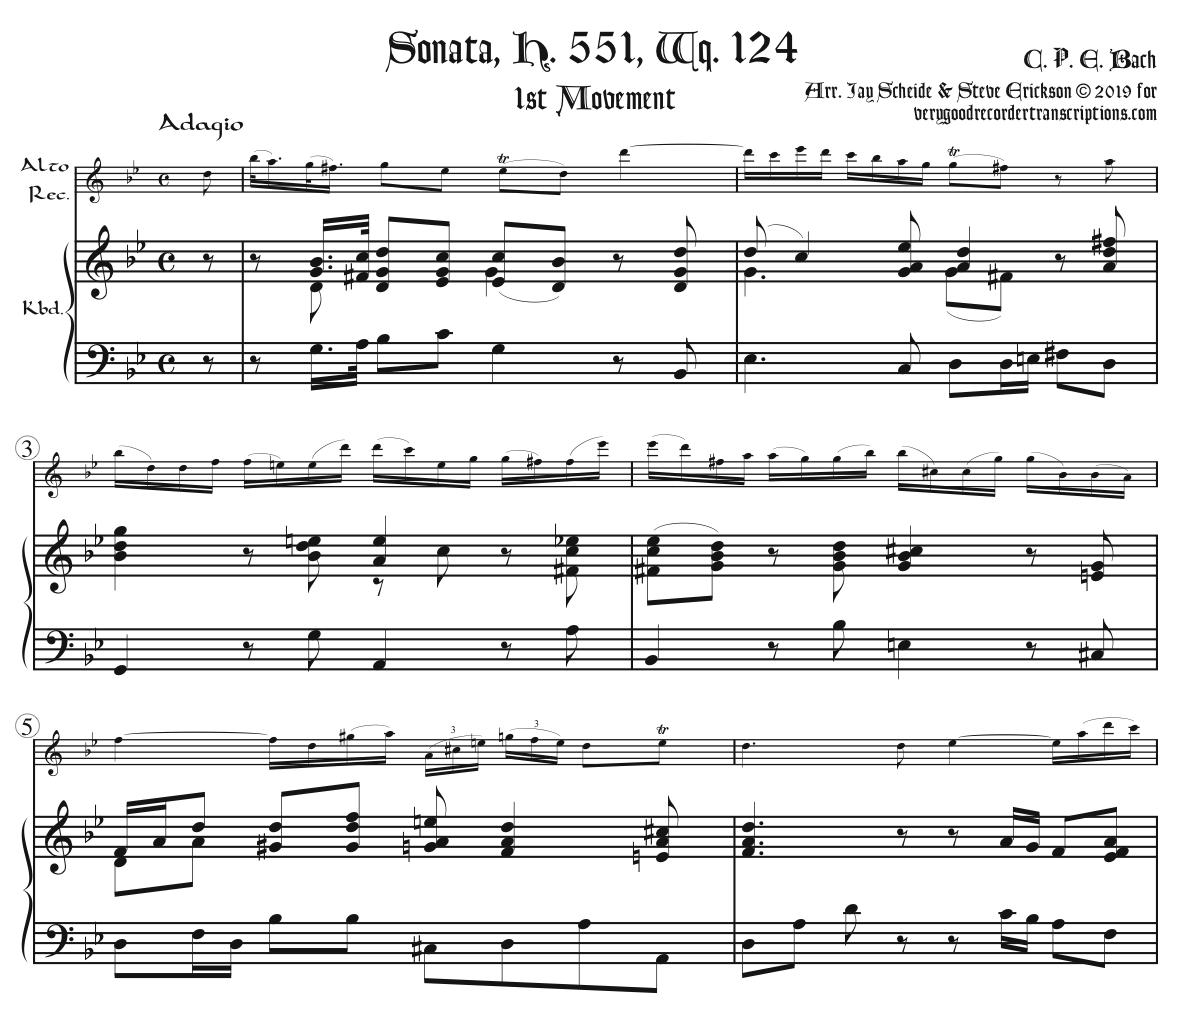 Sonata, H. 552, Wq. 124, complete